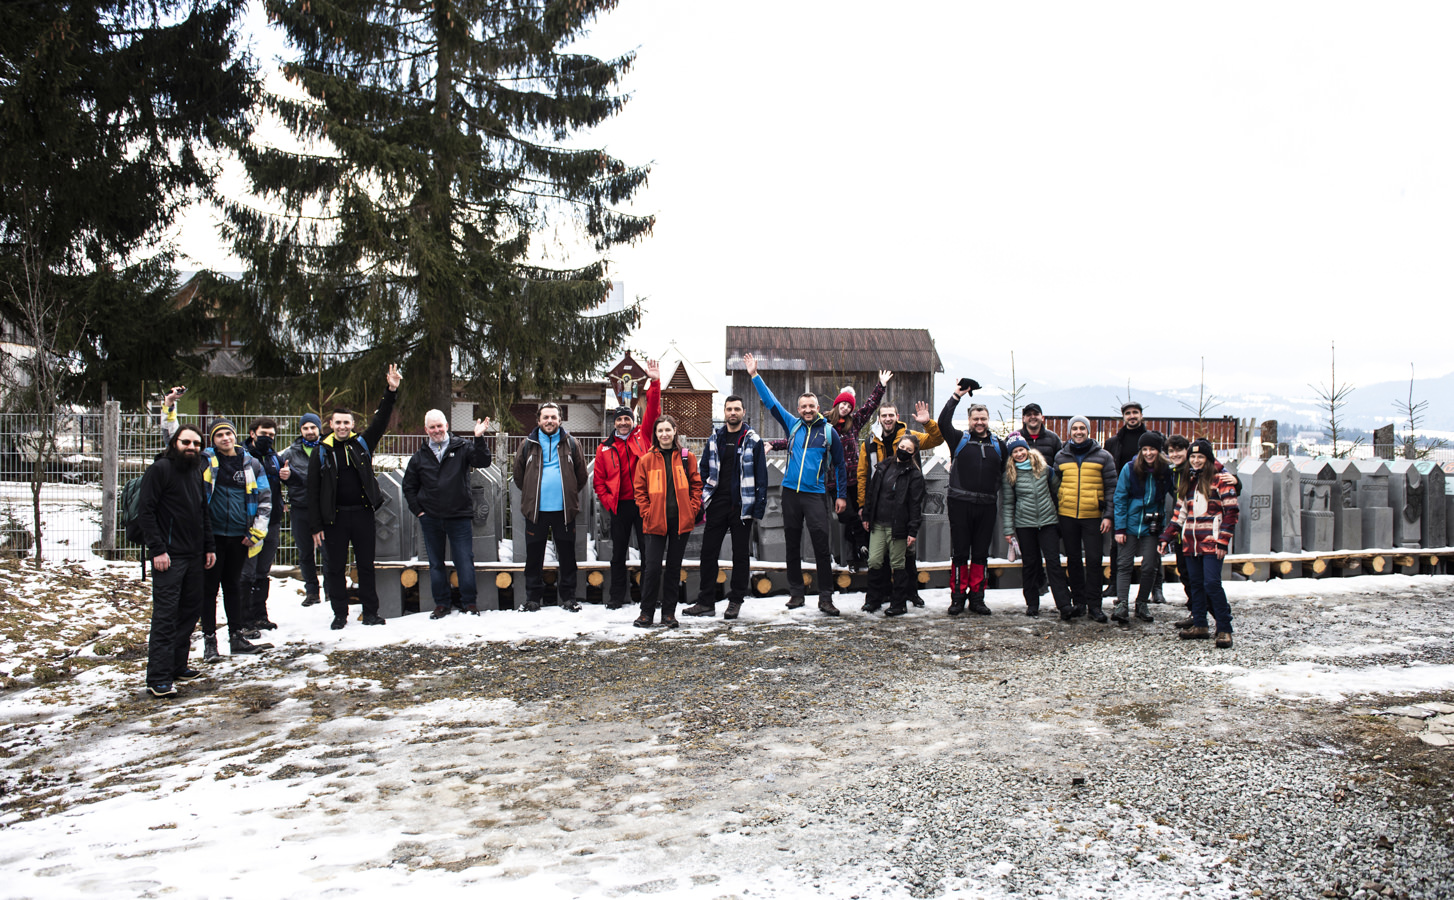 Am adoptat 13 kilometri din Via Transilvanica